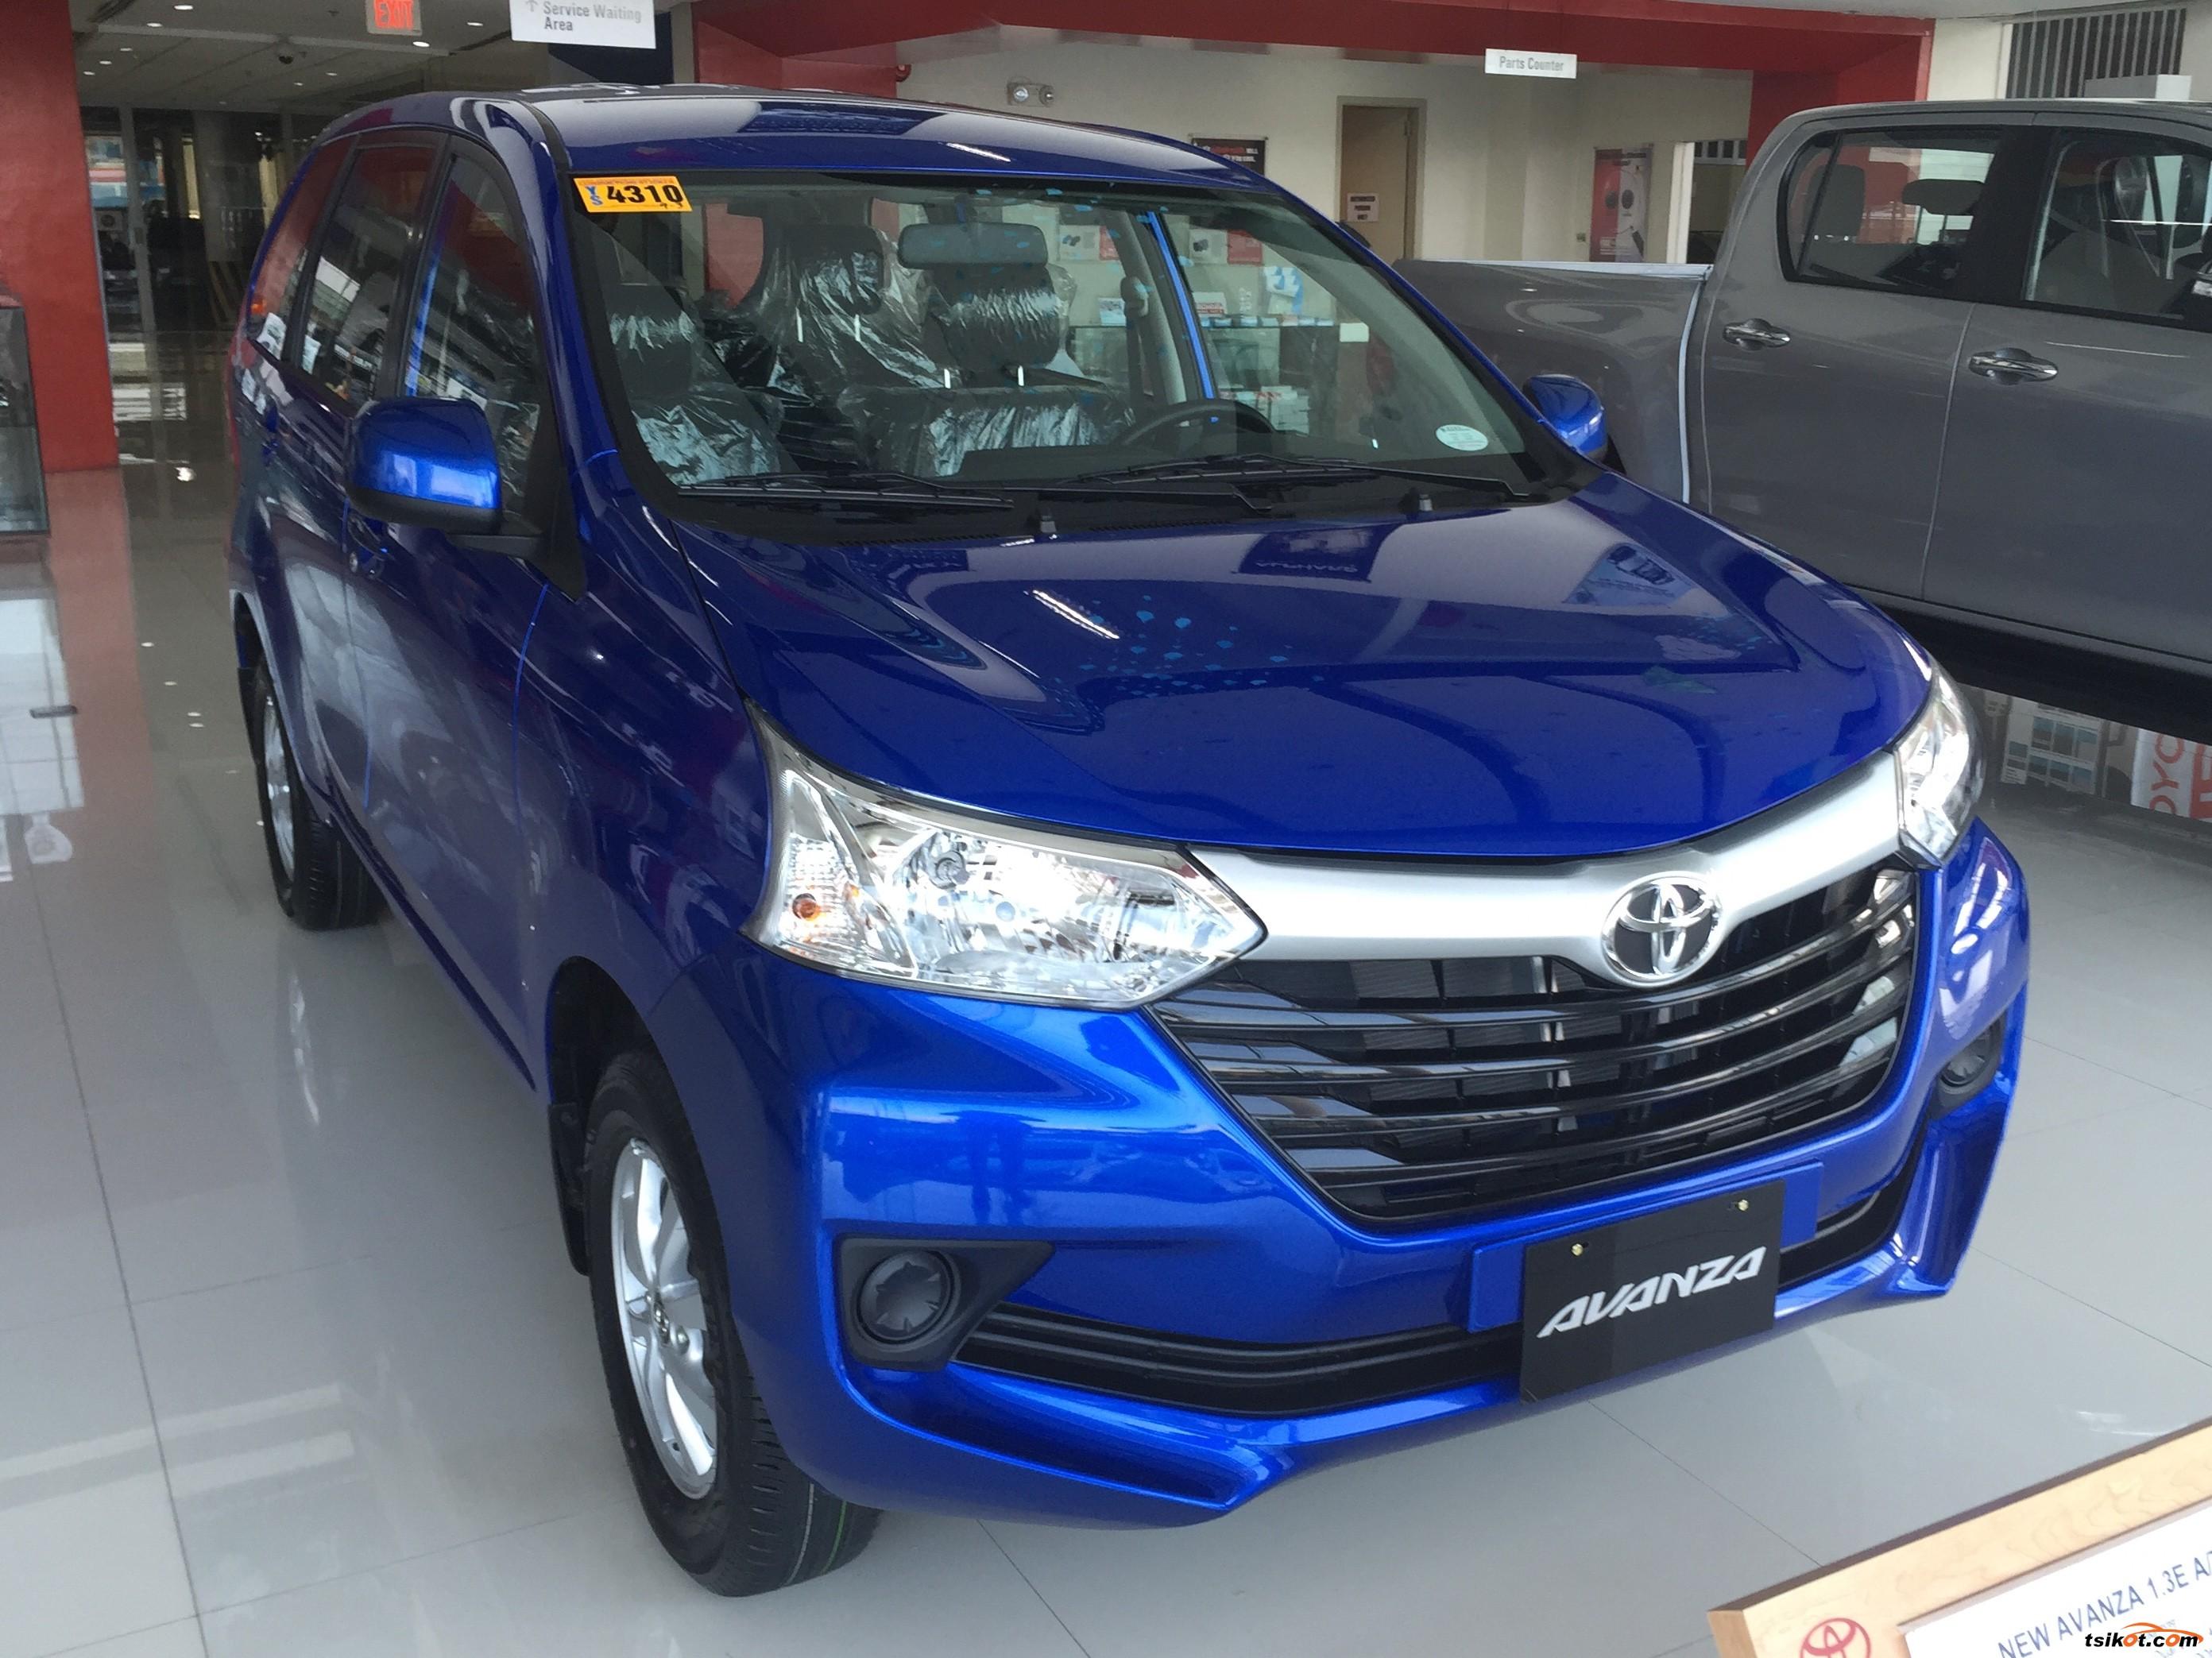 Suzuki Avanza Philippines Autos Post